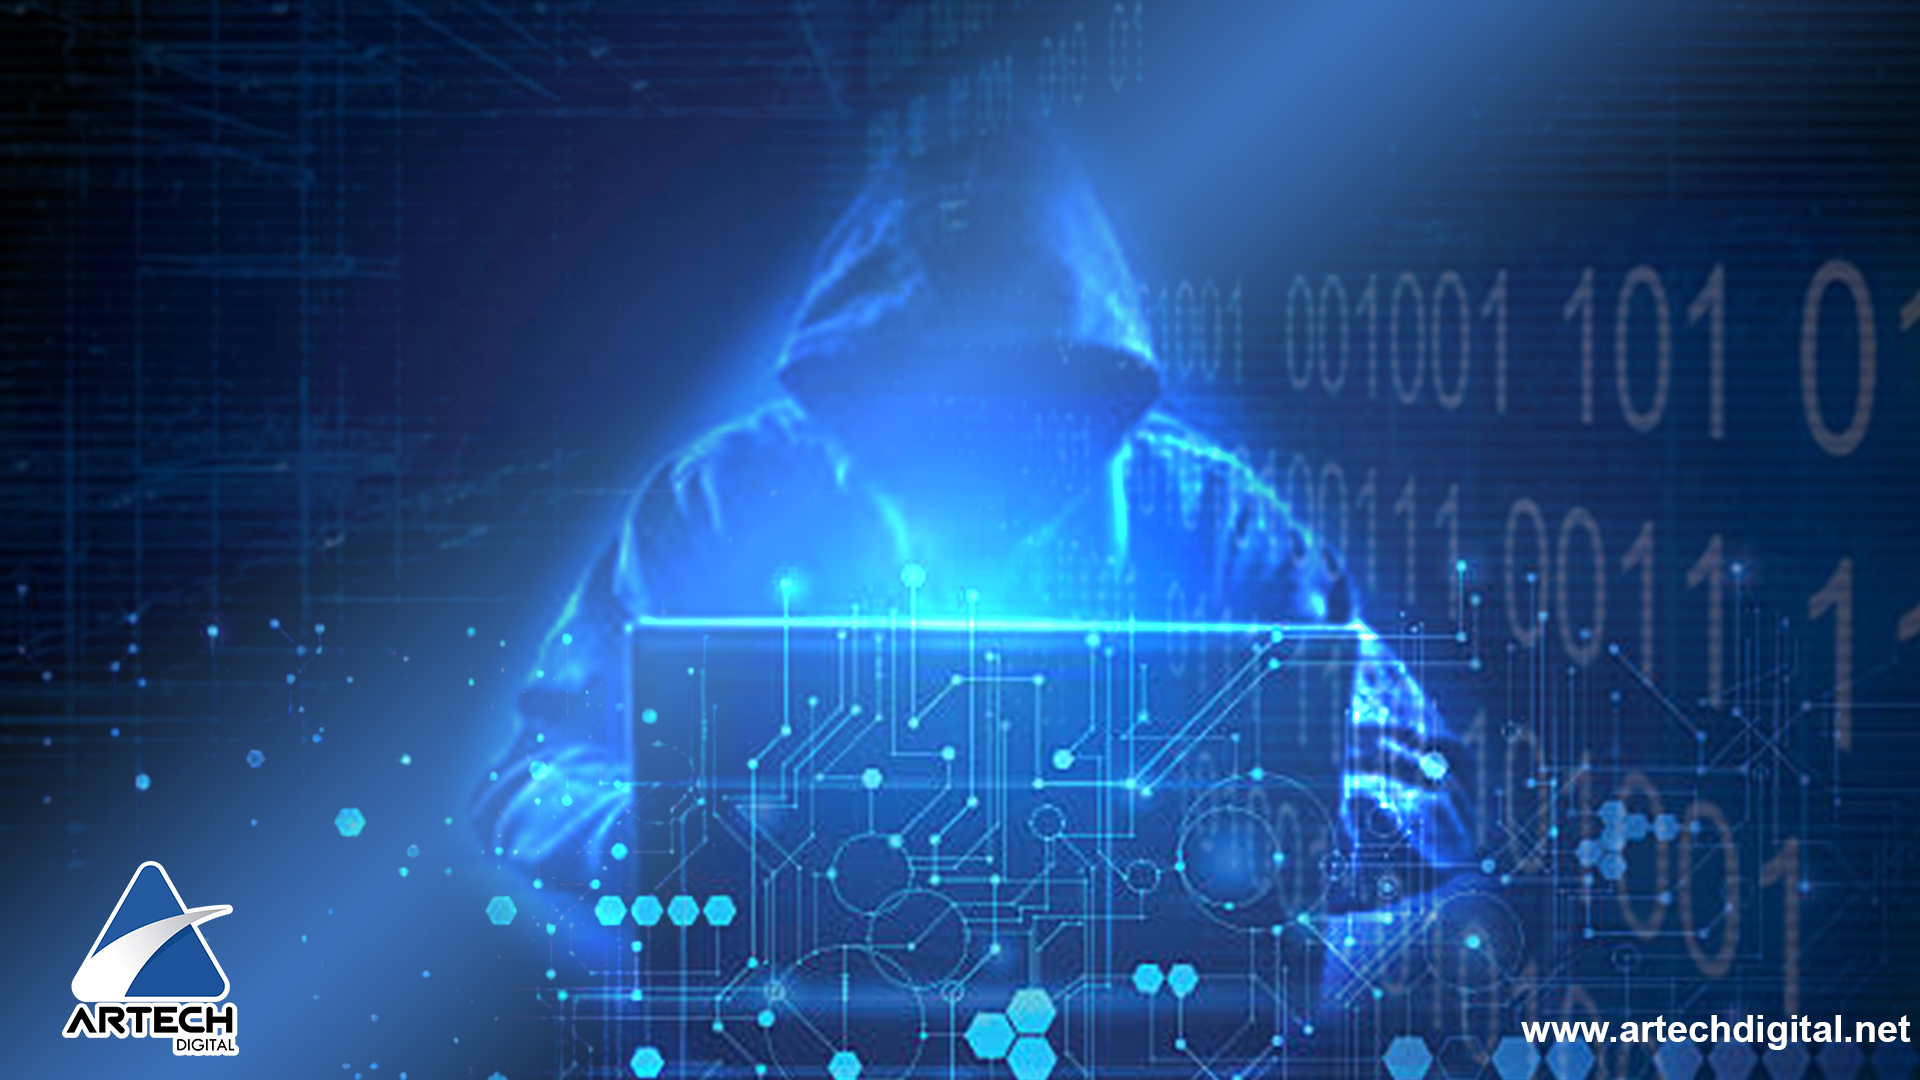 ¡Protégete de los Hacker! Conoce más de seguridad informática